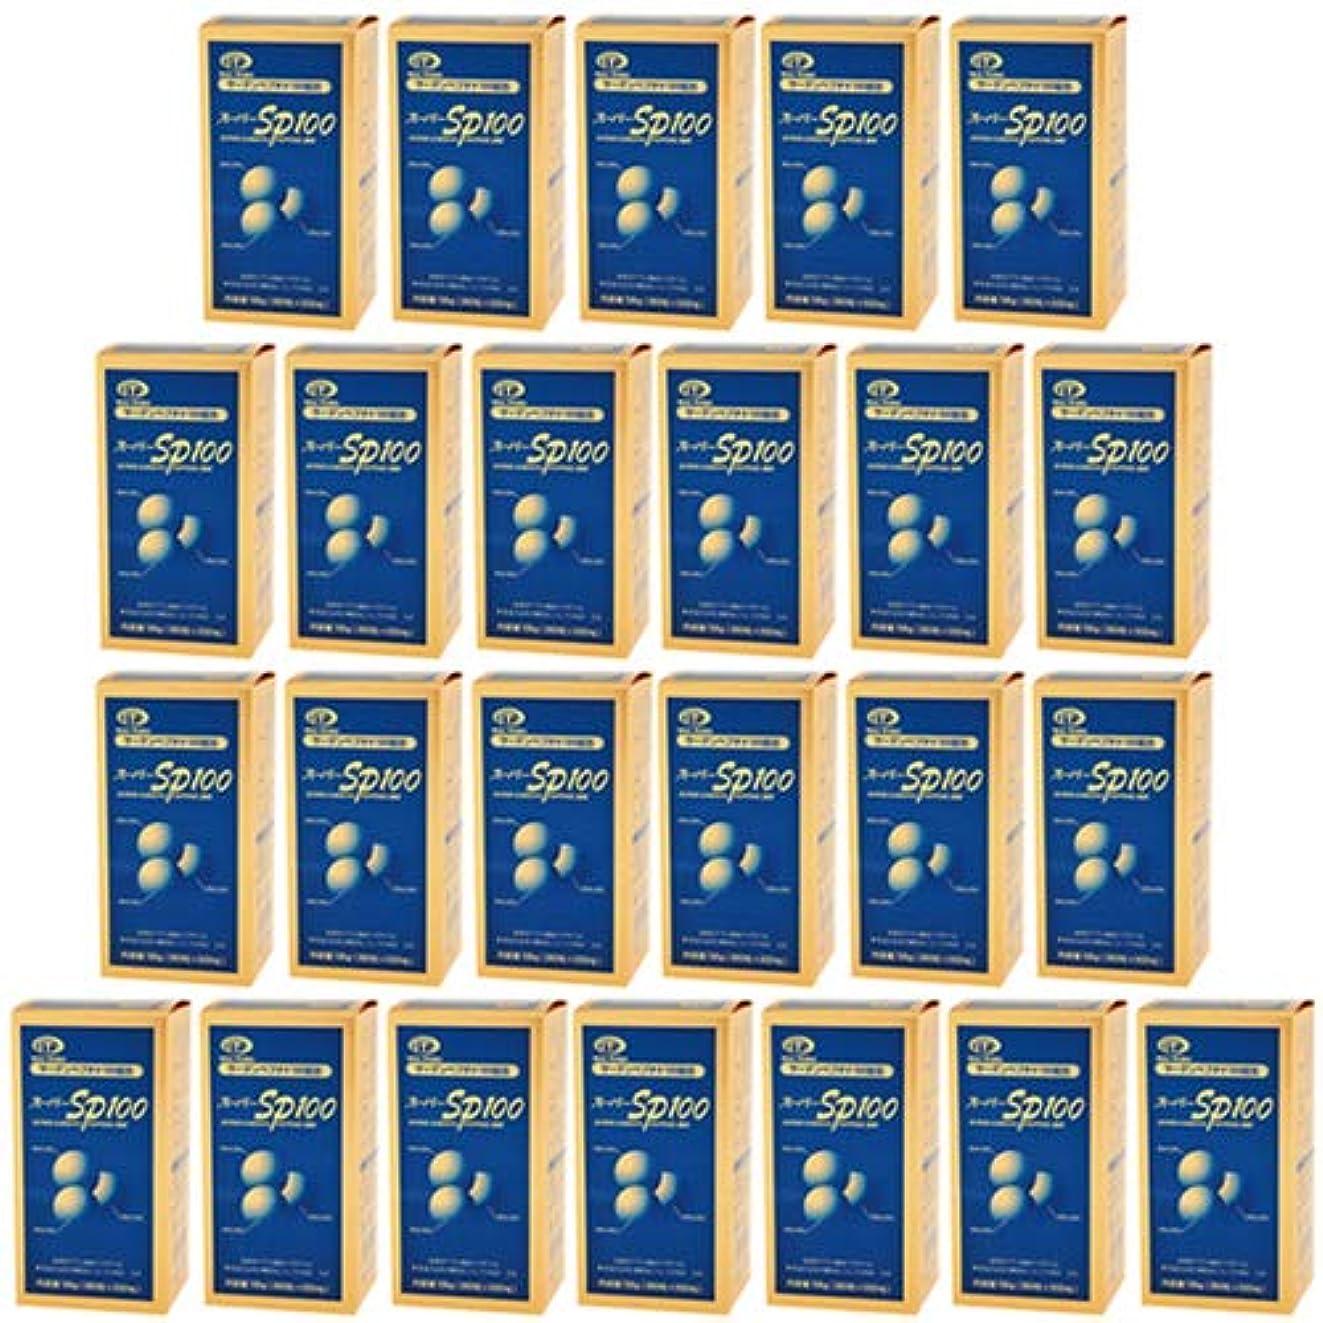 戸棚十一古風なスーパーSP100(イワシペプチド)(360粒) 24箱